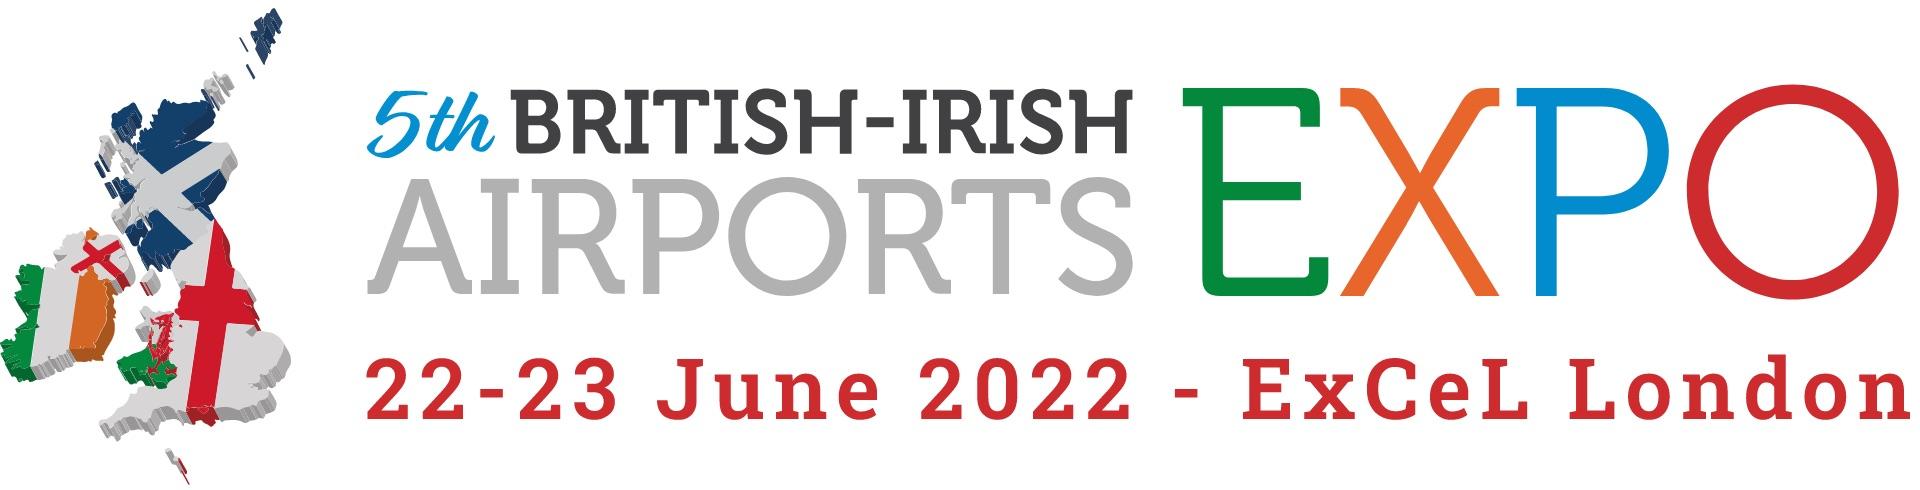 The British-Irish Airports EXPO 2022